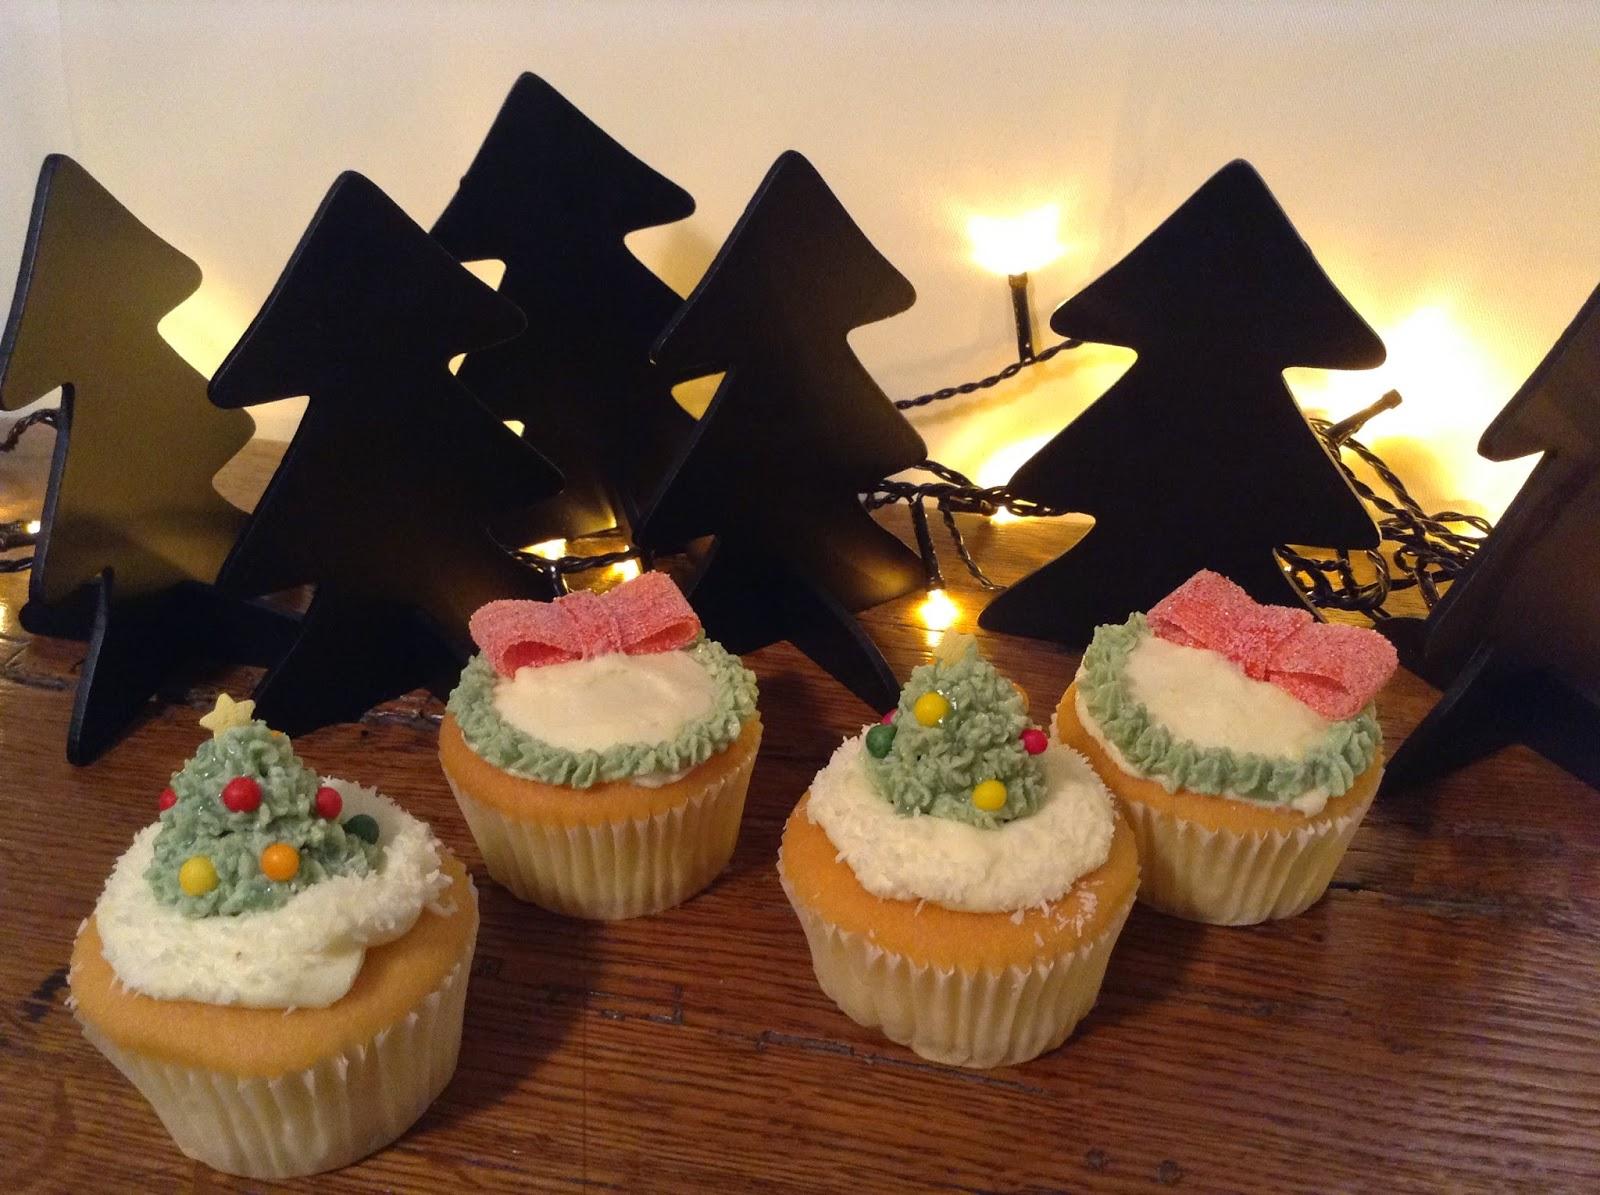 Cupcakes de Noël: sapin de Noël et couronne de houx décoré de son noeud rouge givré